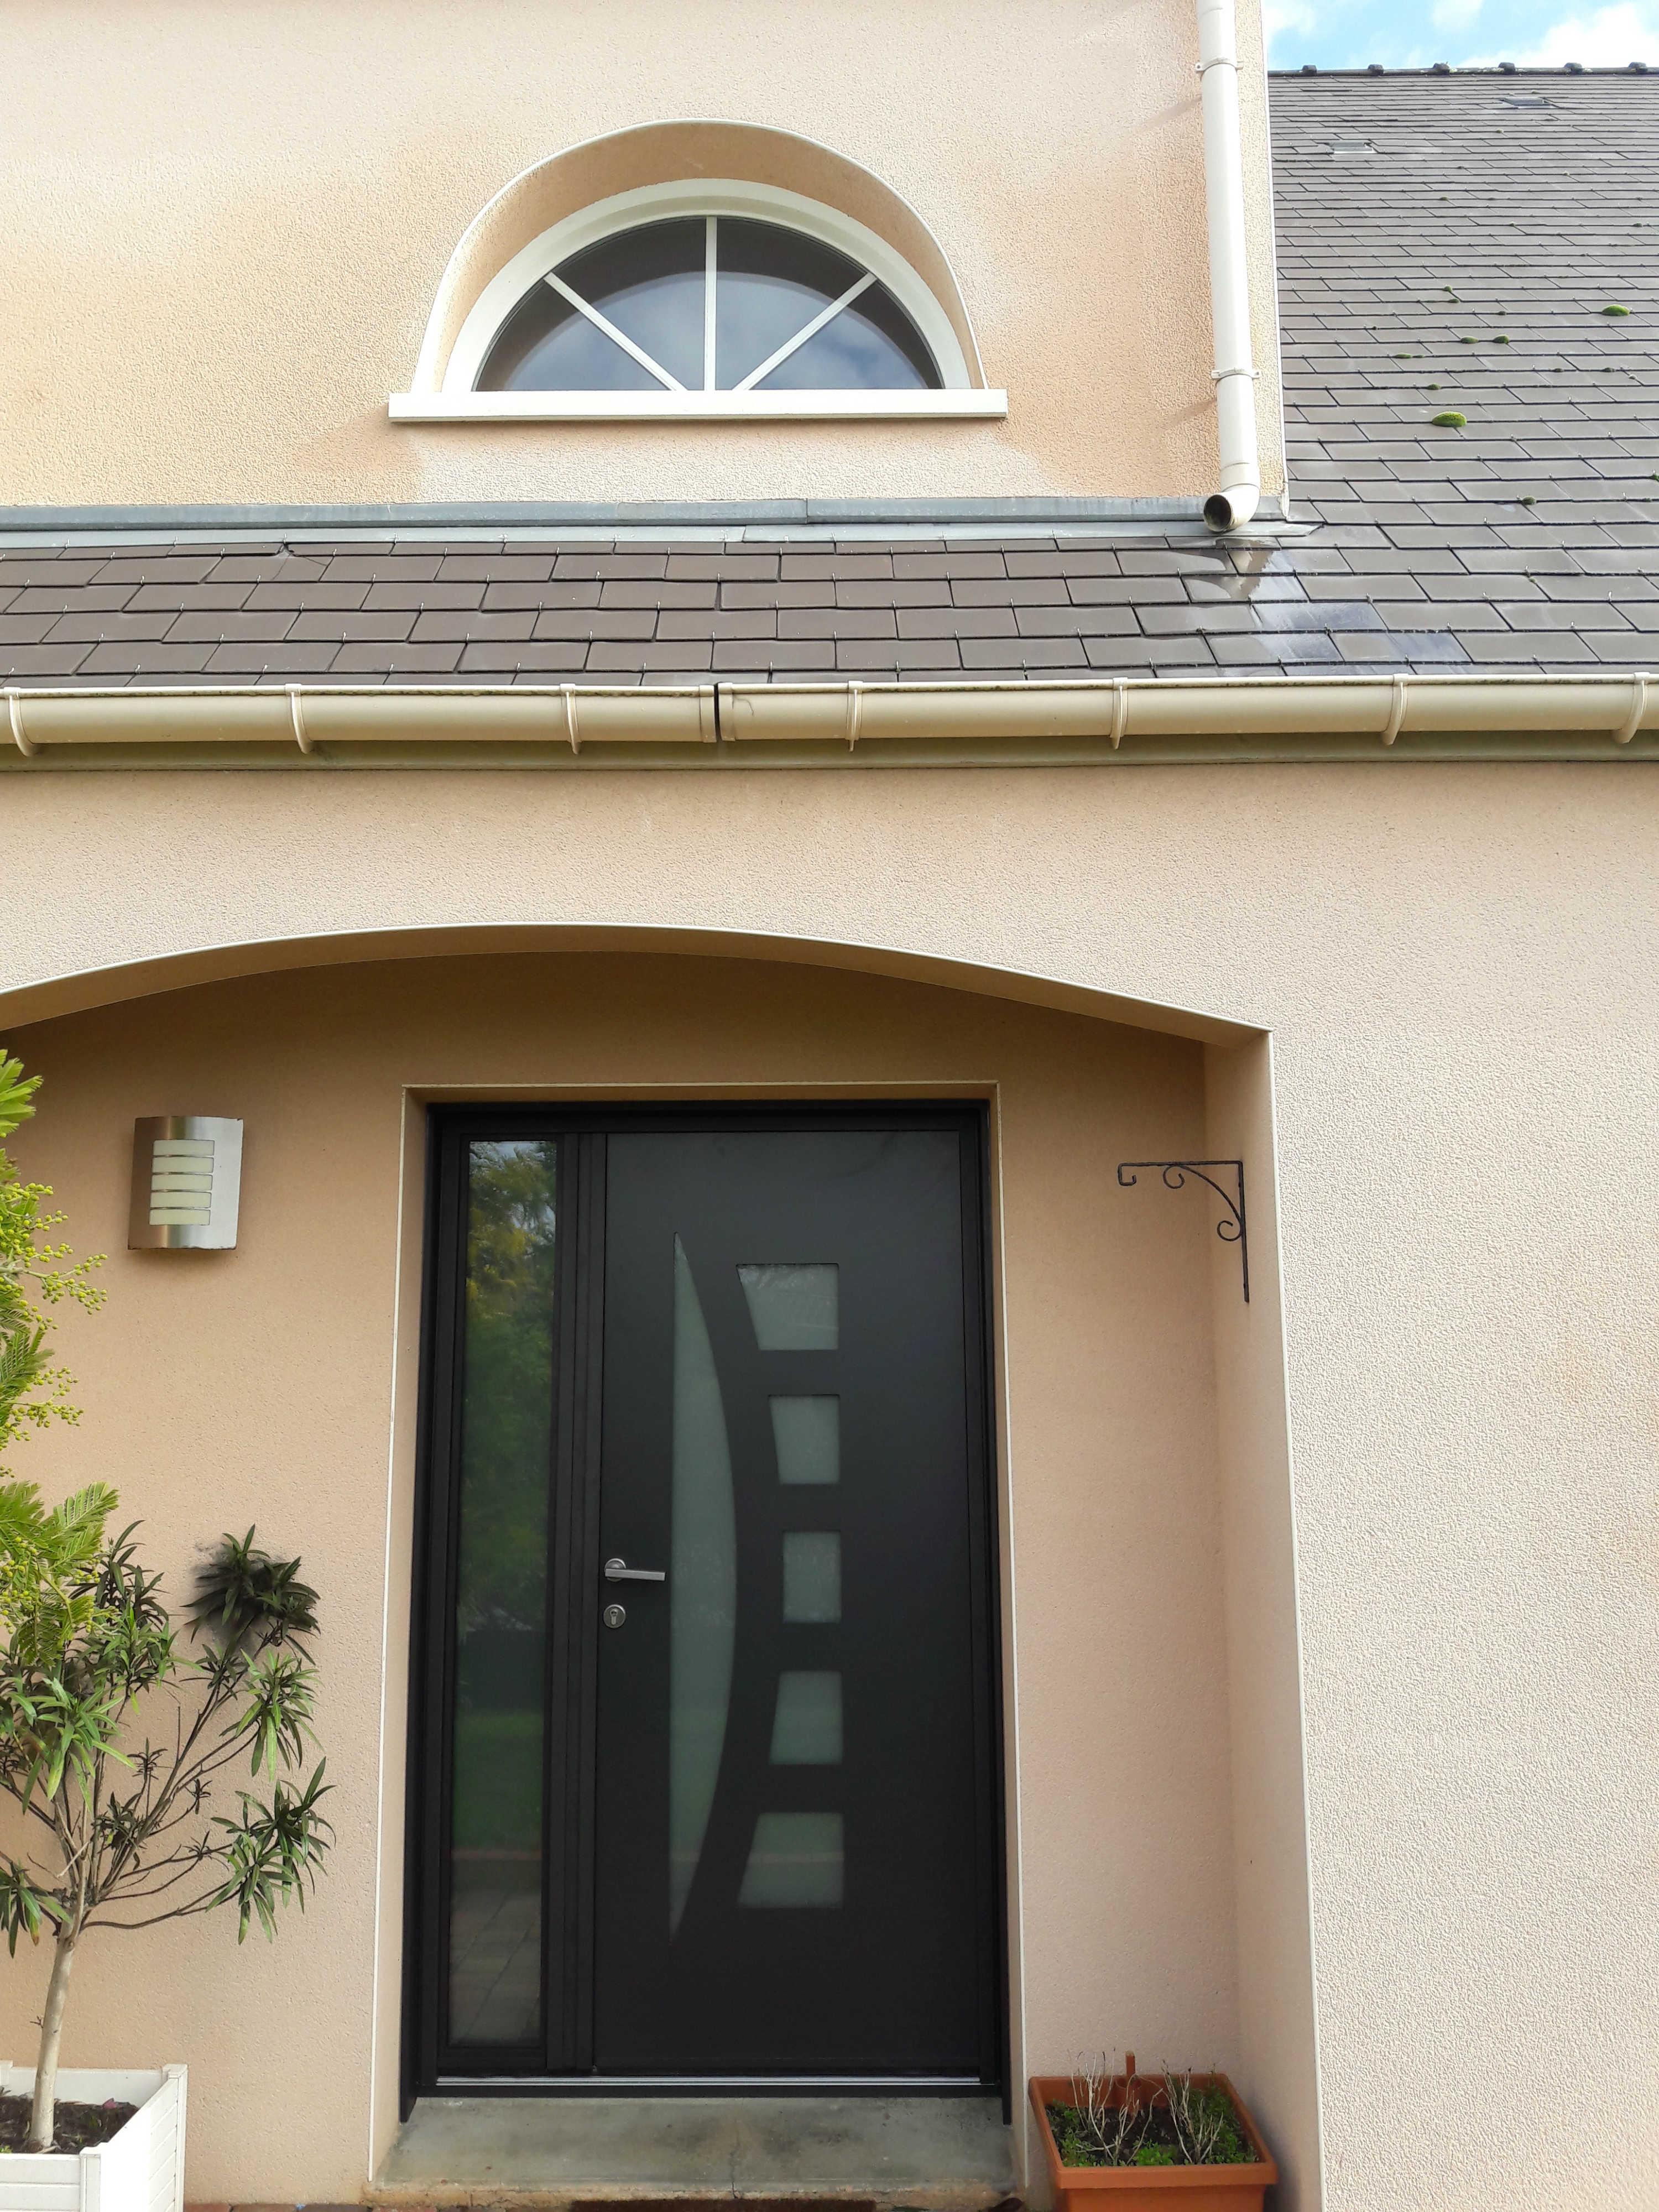 dov ouvertures porte d 39 entree tierce en aluminium k line sainte luce sur loire. Black Bedroom Furniture Sets. Home Design Ideas